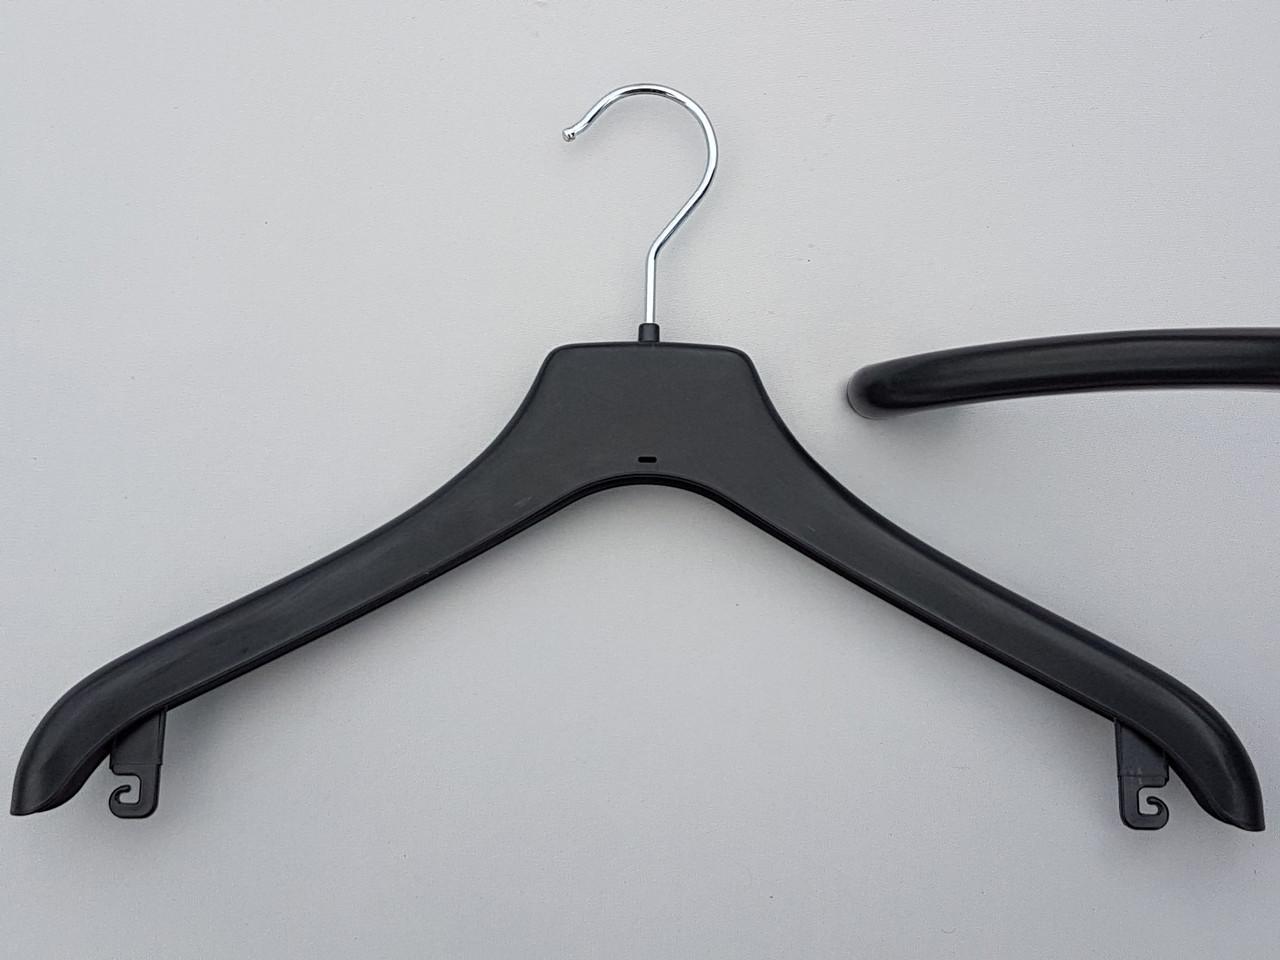 Длина 38 см. Плечики вешалки пластмассовые Coronet NF-38 черные